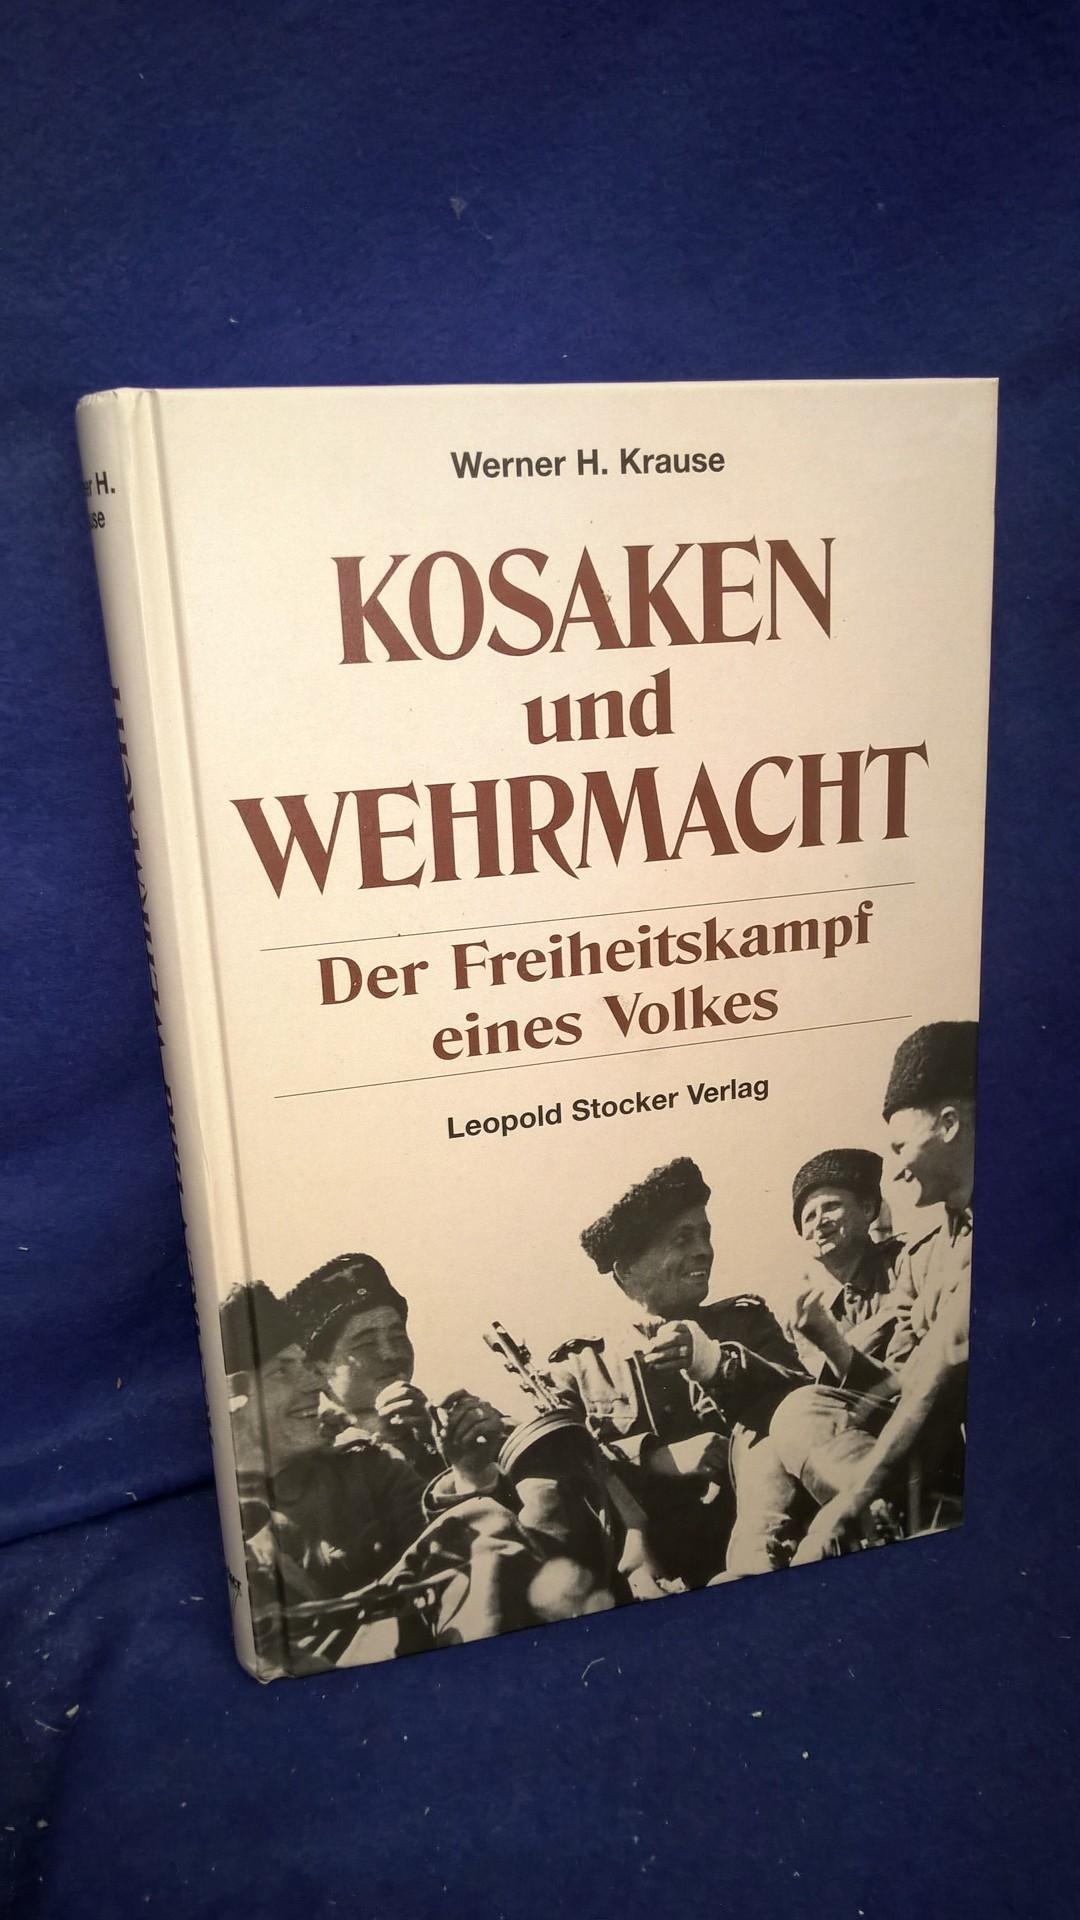 Kosaken und Wehrmacht. Der Freiheitskampf eines Volkes.